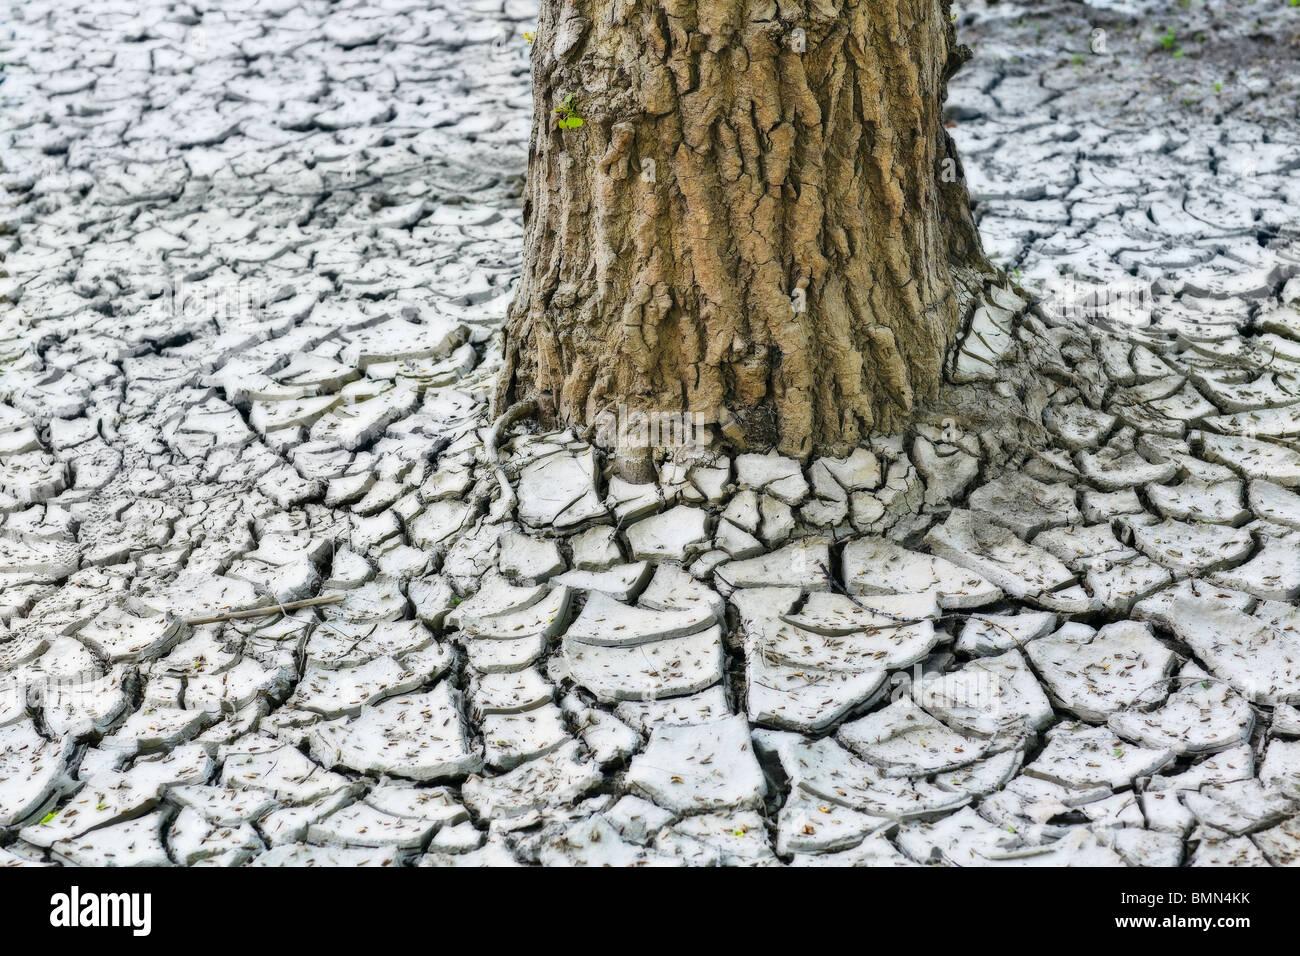 Terre d'argile fissurée à sec et un tronc d'arbre. Vallée de la rivière Rouge, Winnipeg, Photo Stock